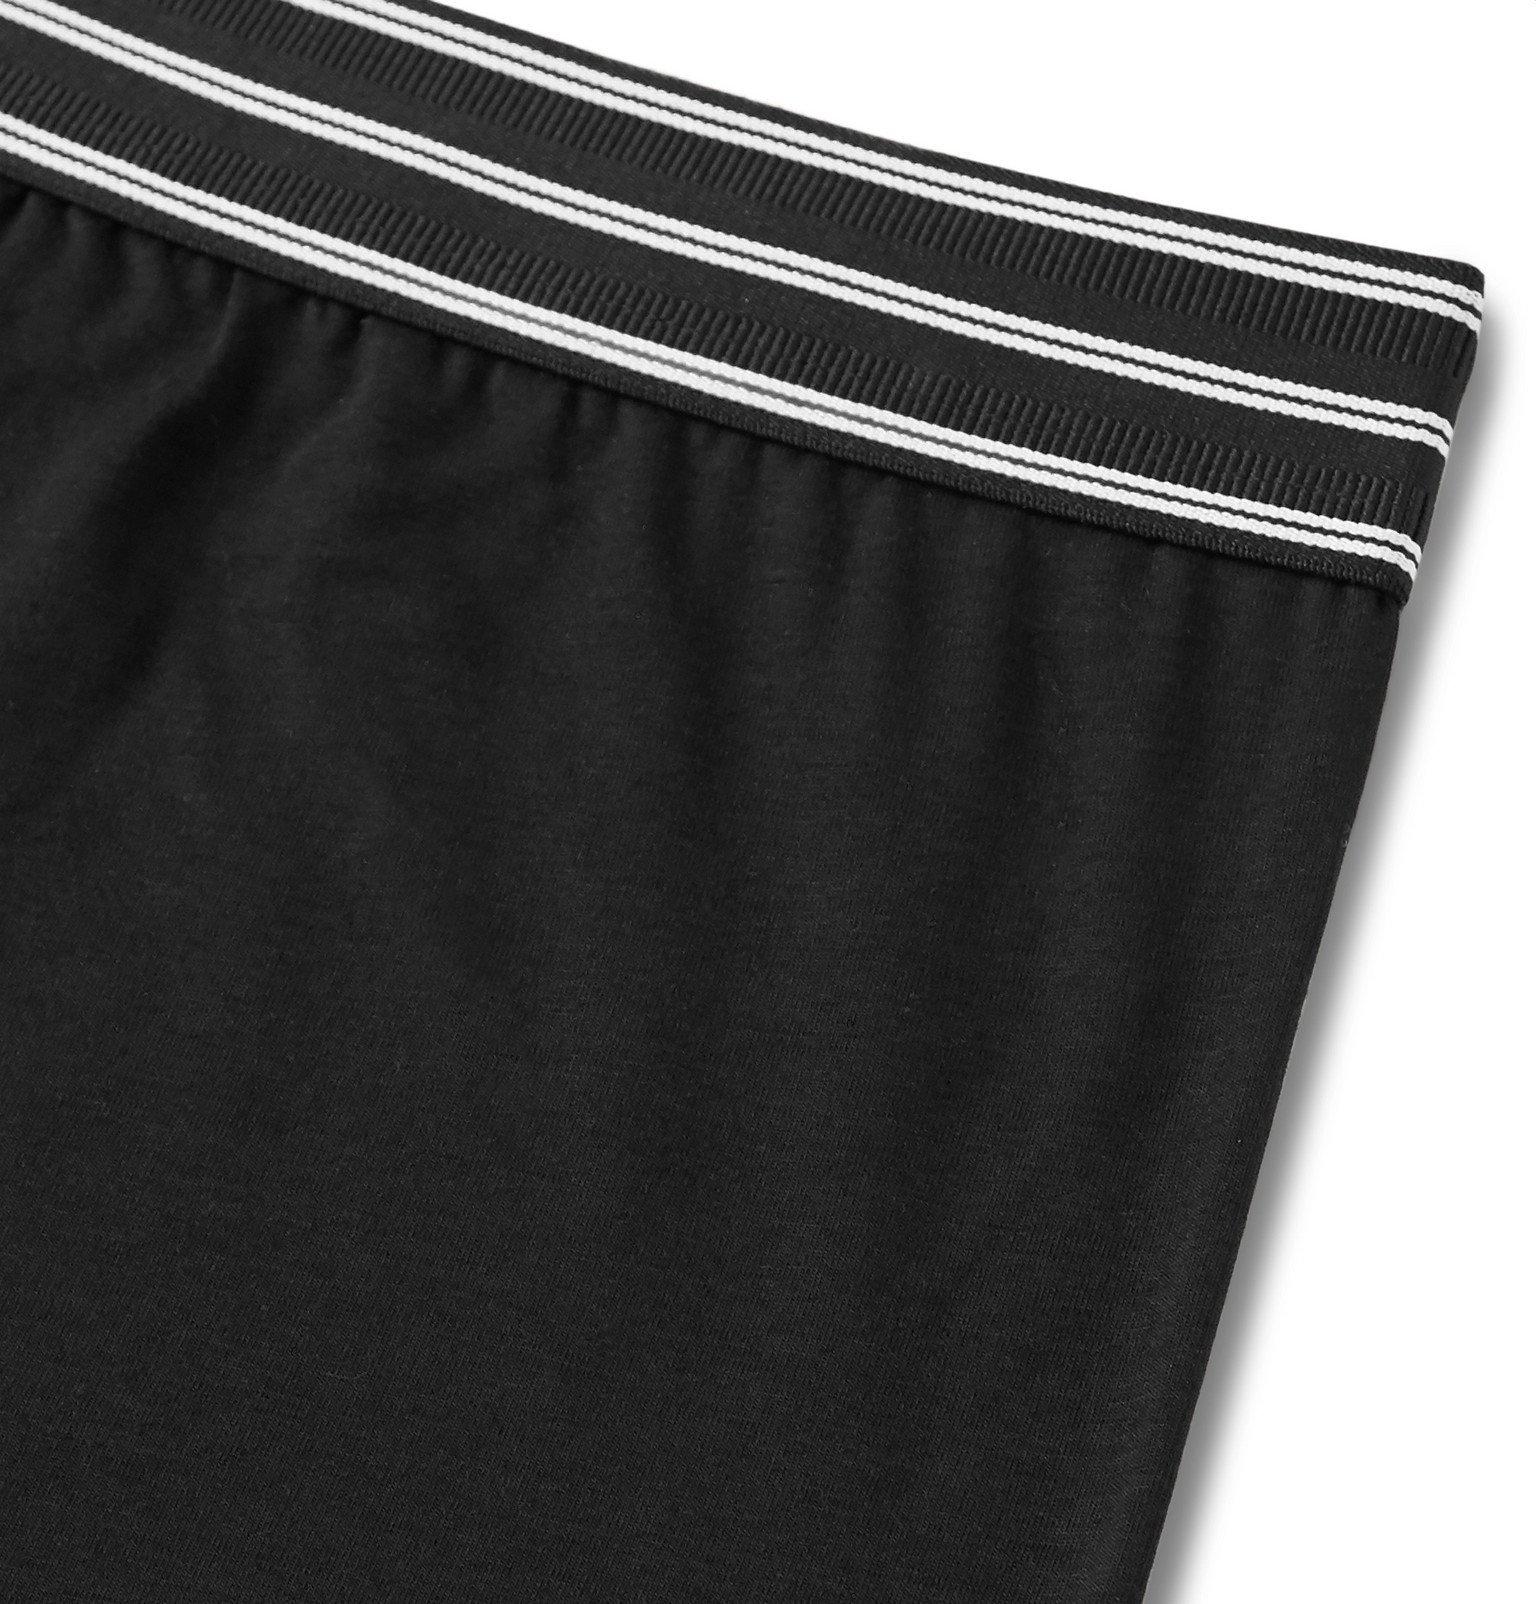 Dolce & Gabbana - Stretch-Cotton Boxer Briefs - Black